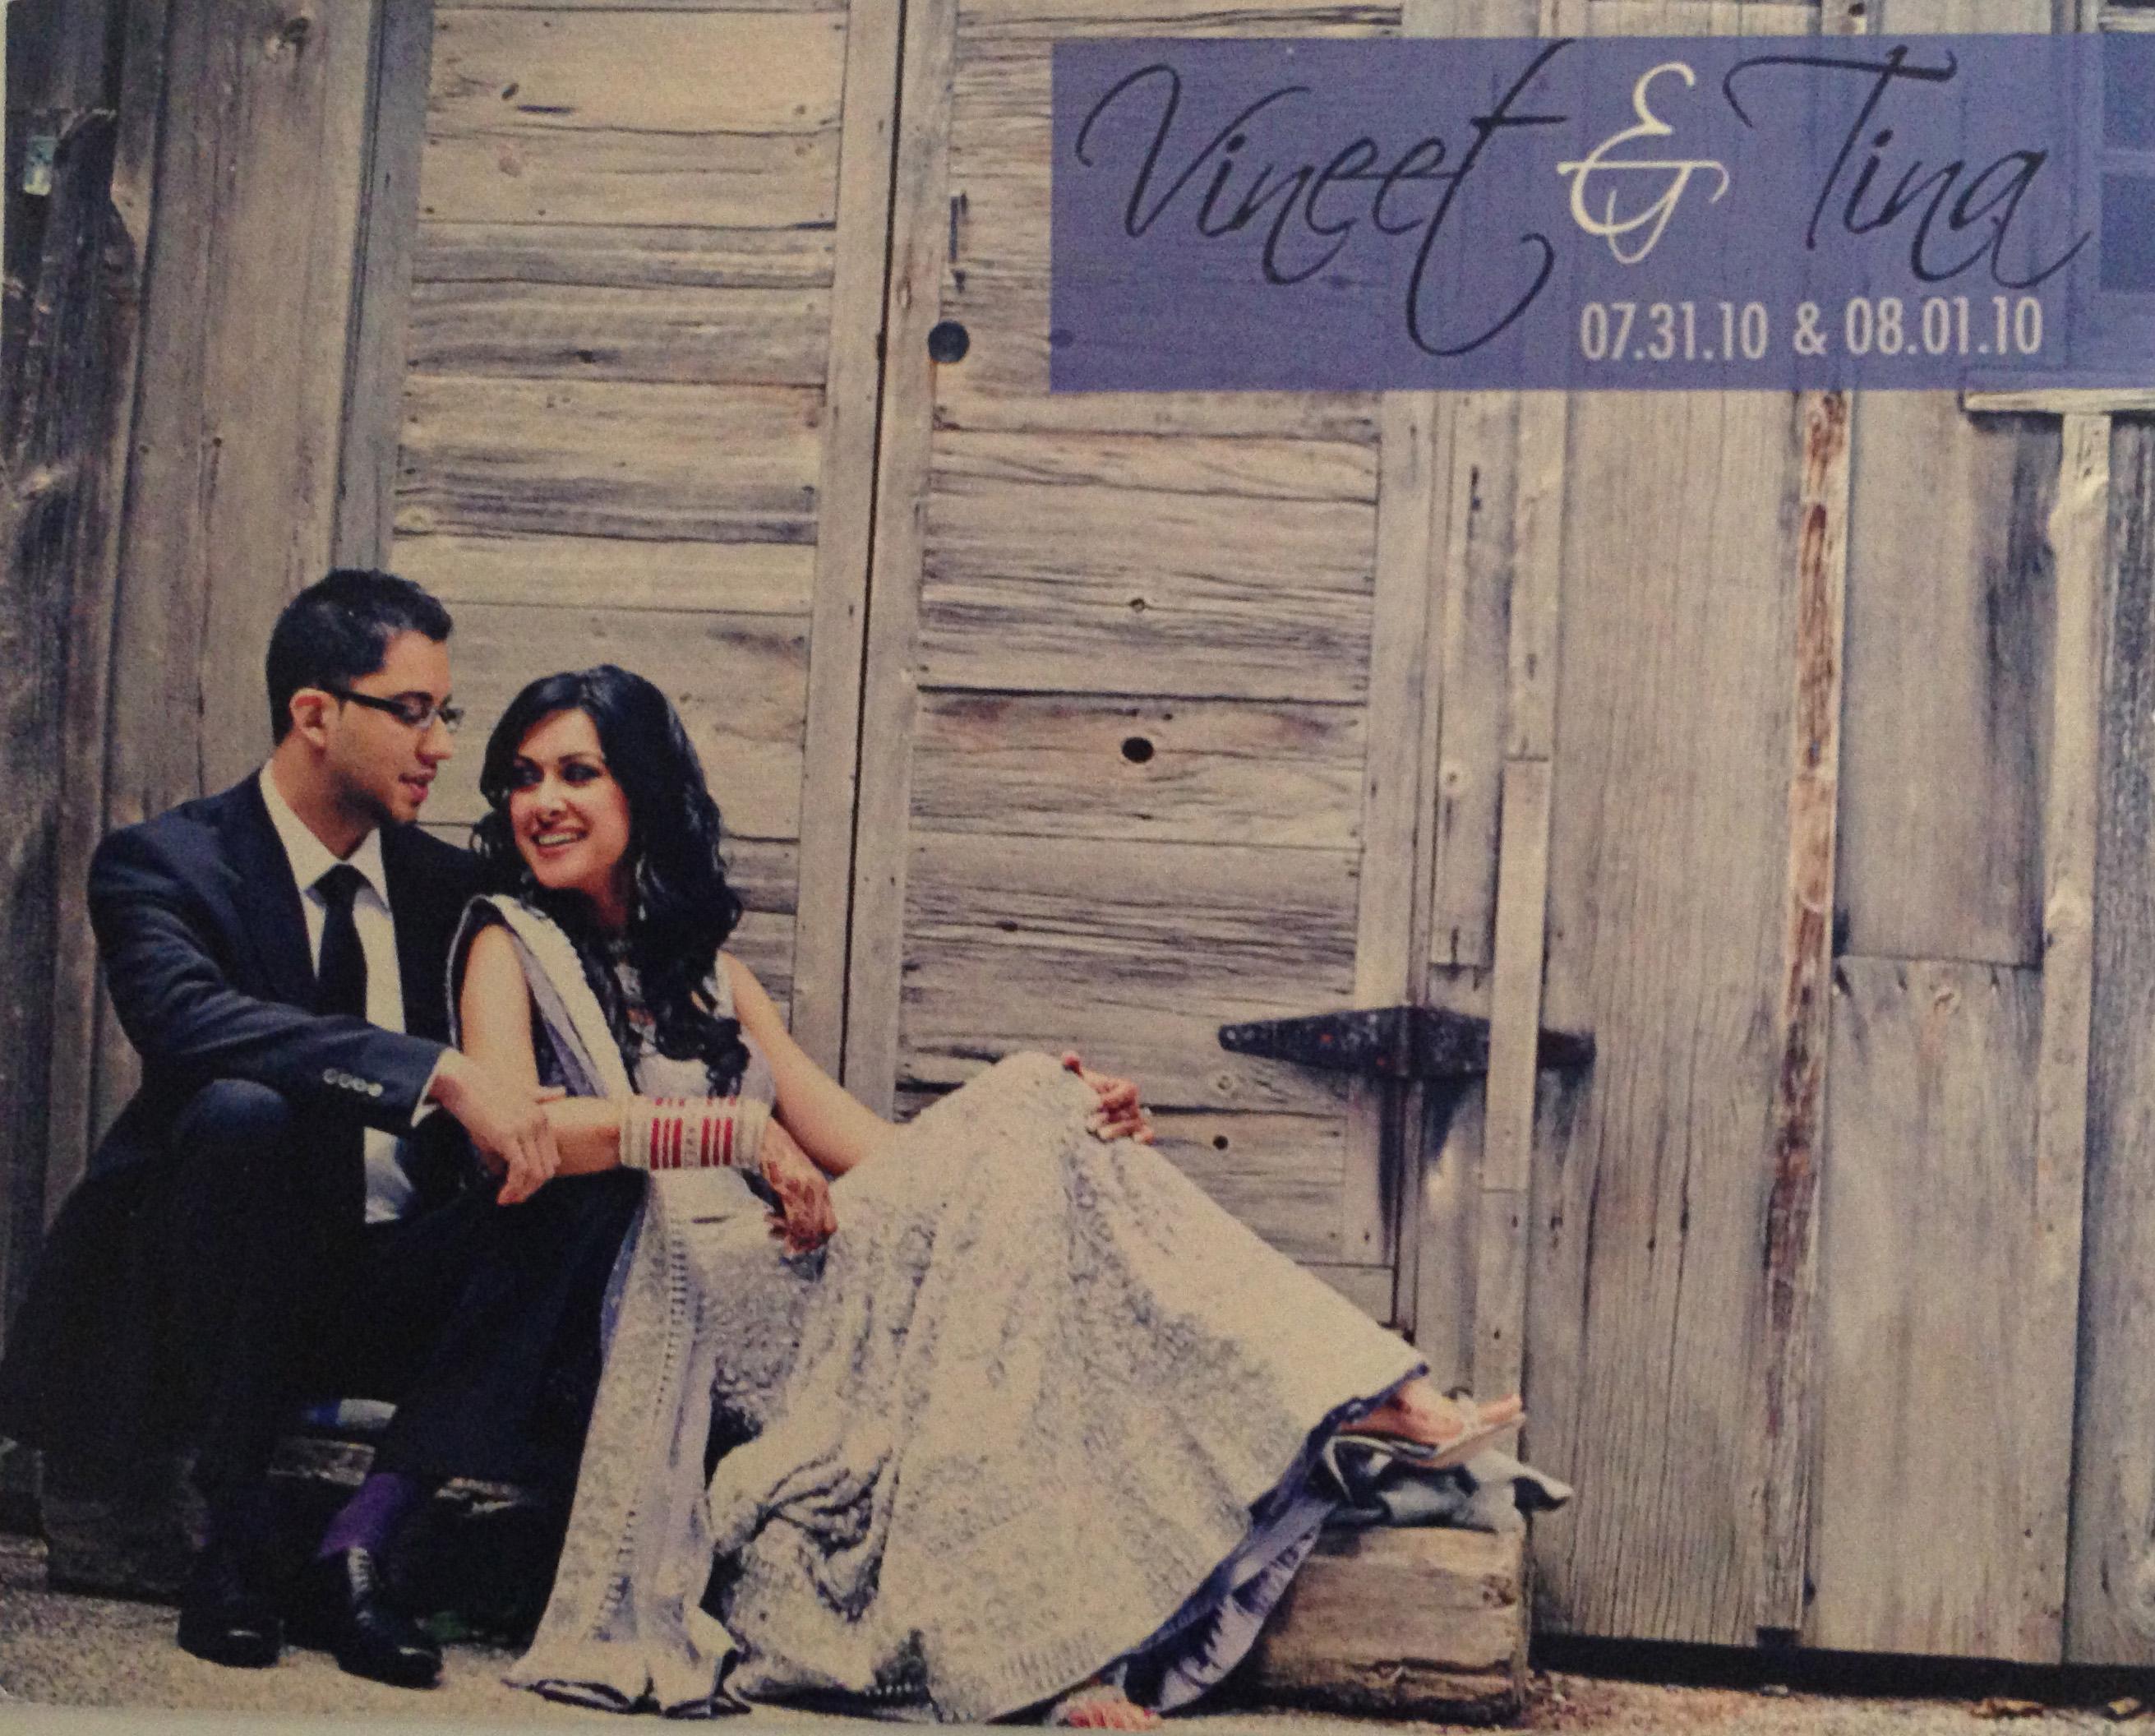 Vineet and Tina